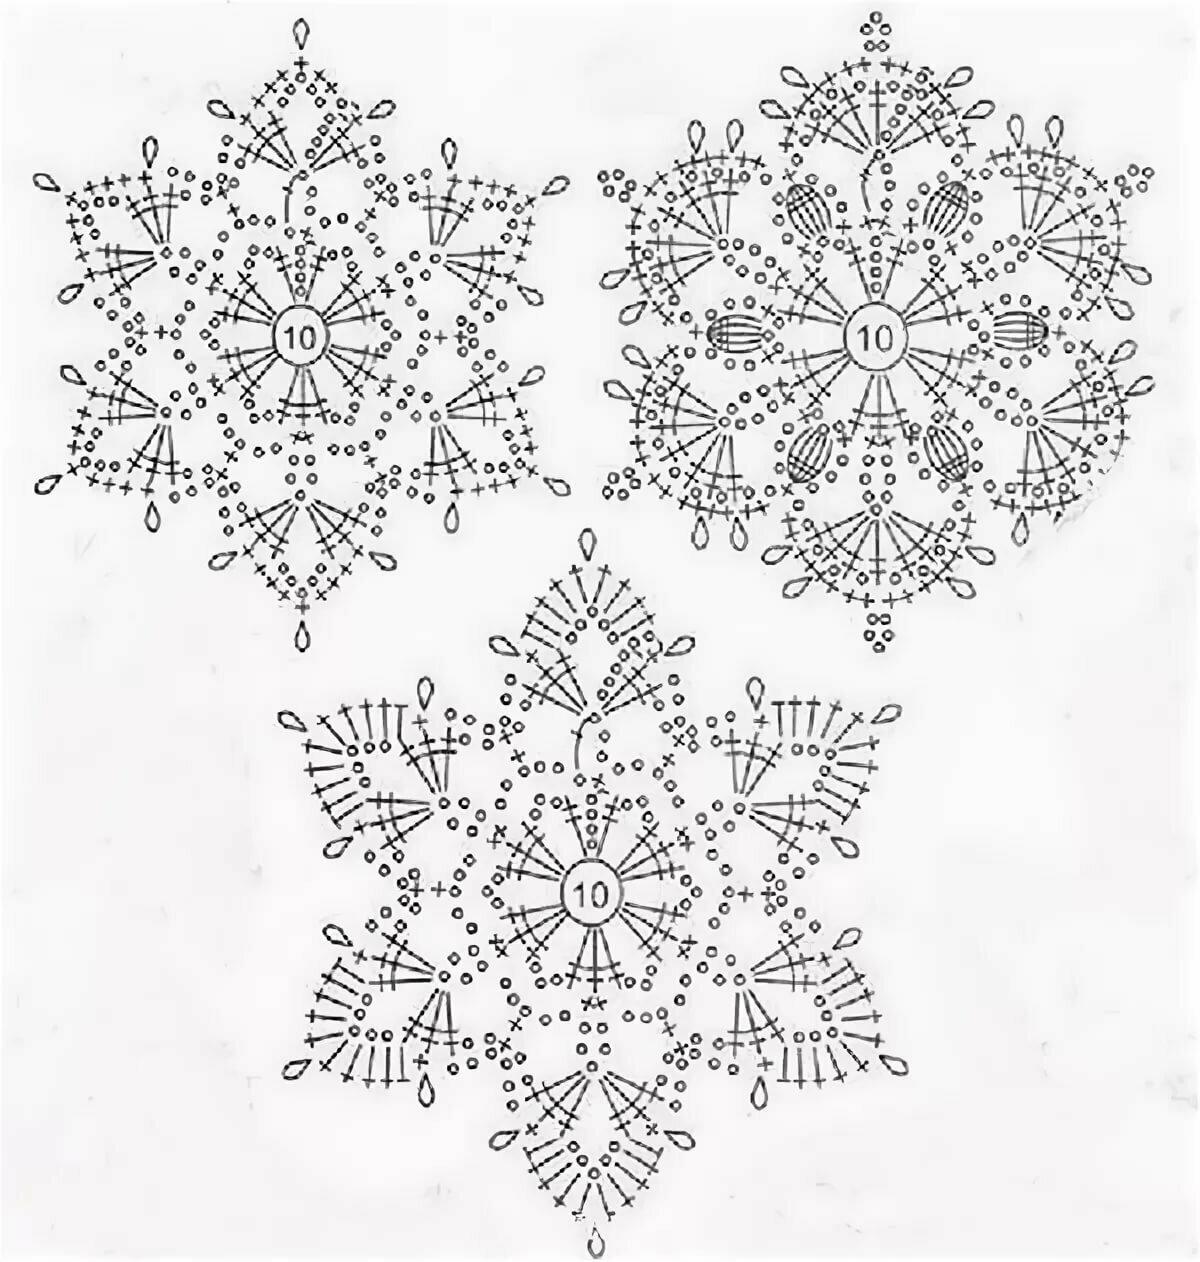 Вязание крючком снежинки - описание схем вязания для начинающих